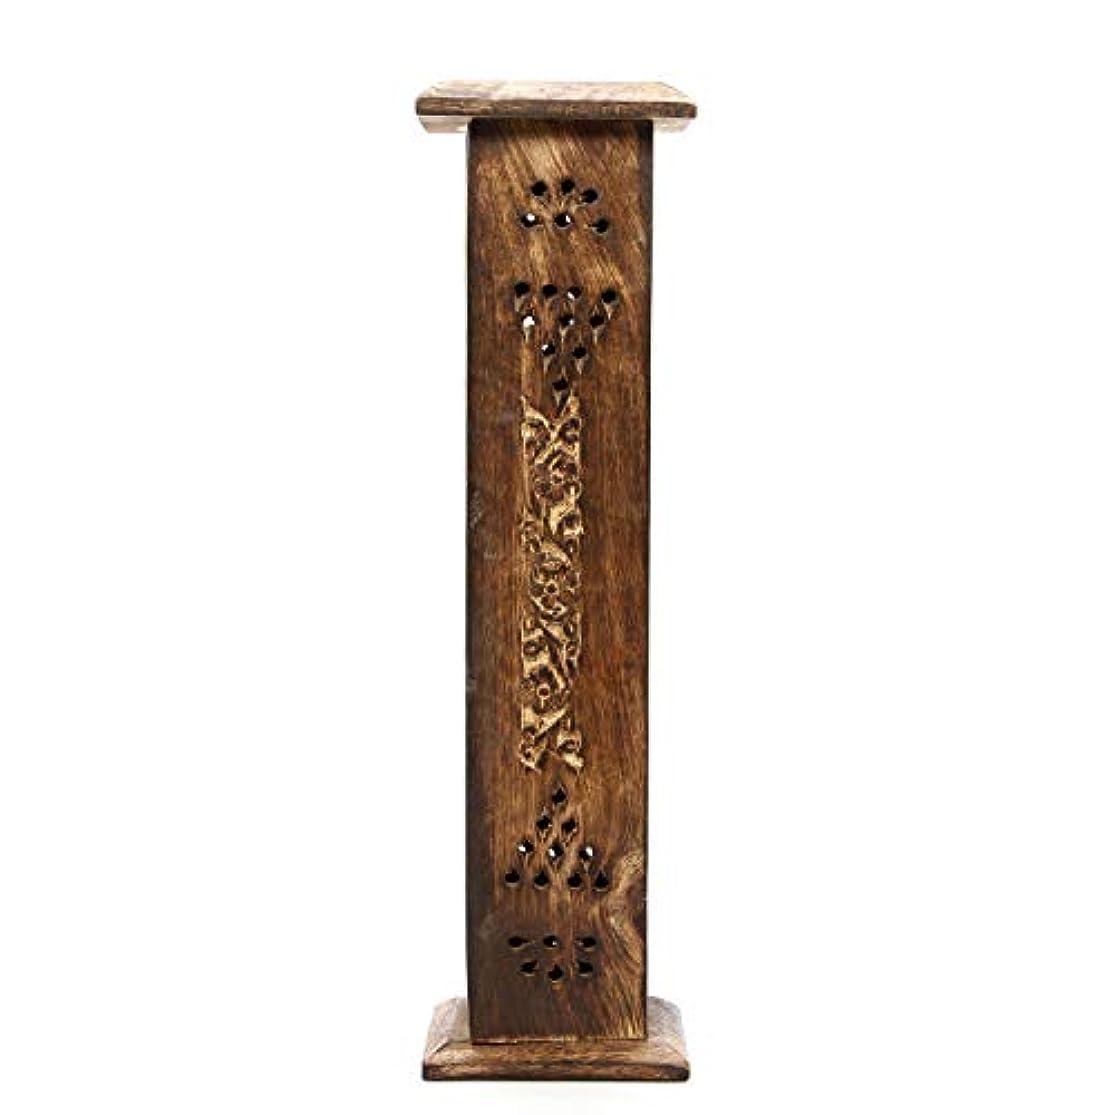 在庫仲介者論文Hosley's Wood Incense Tower with 20 Incense Sticks - 30cm High. Ideal Gift for Aromatherapy, Zen, Spa, Vastu,...